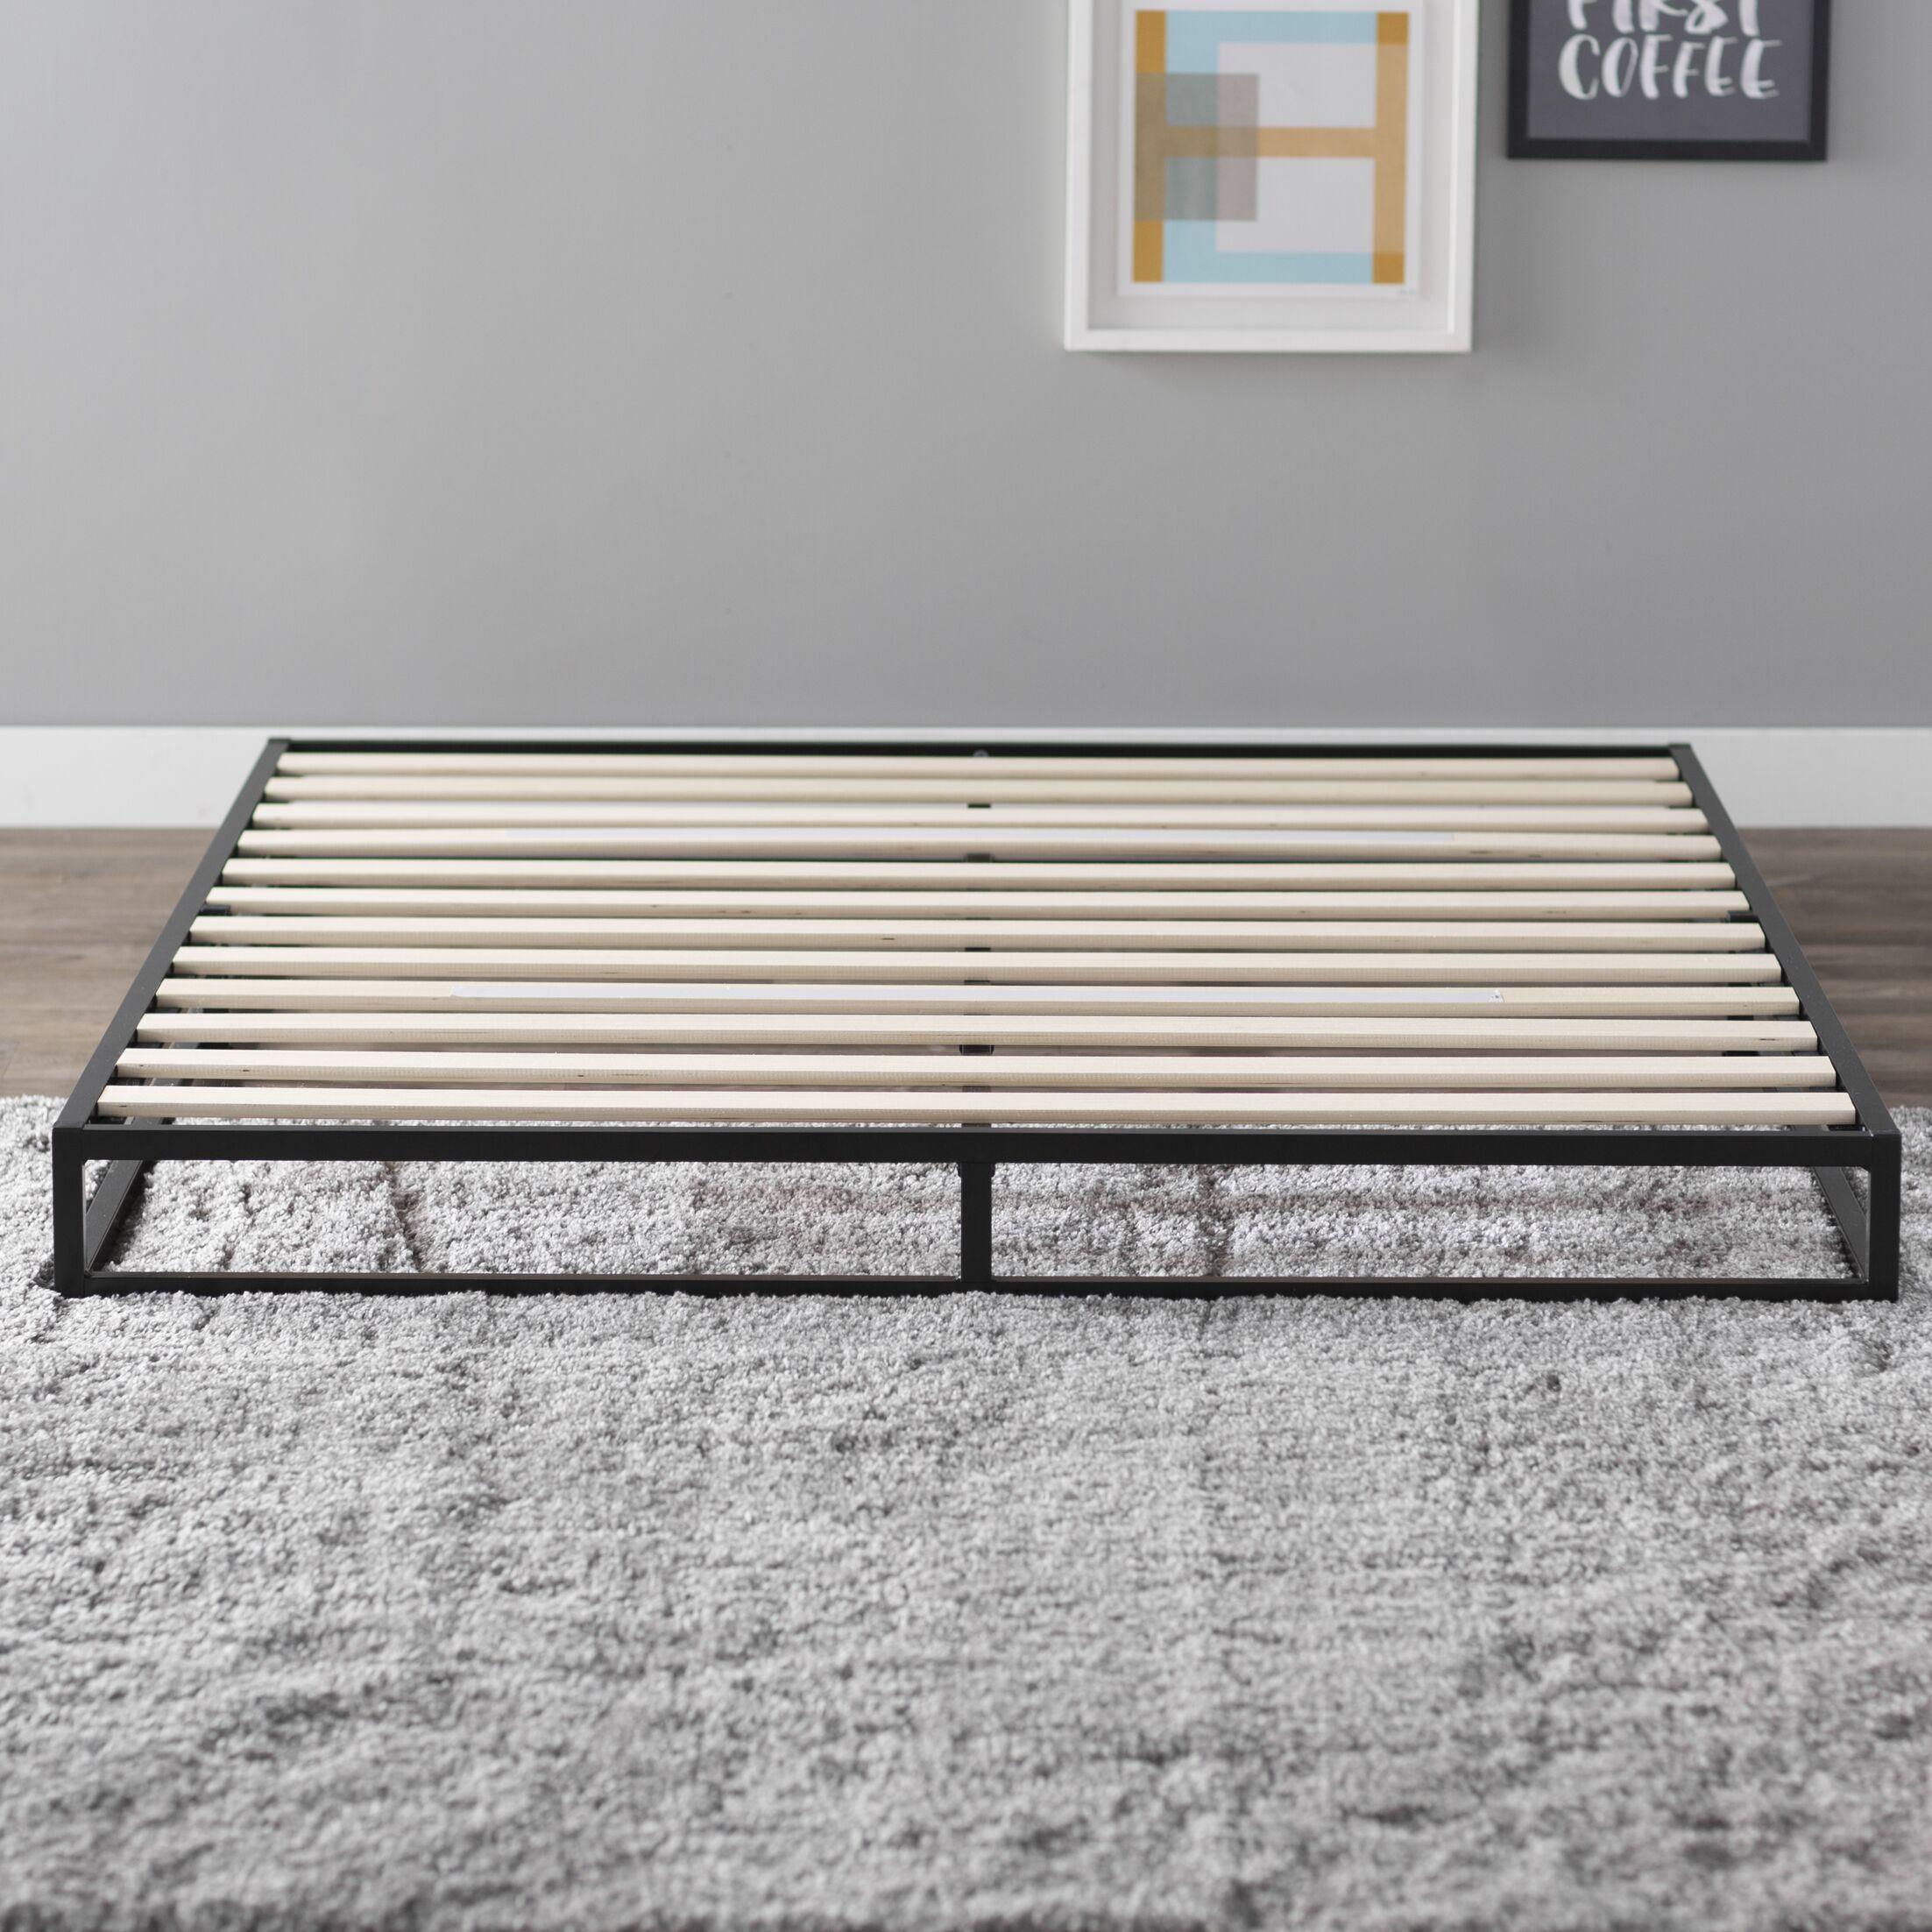 St. Germain Platform Bed Size: Queen